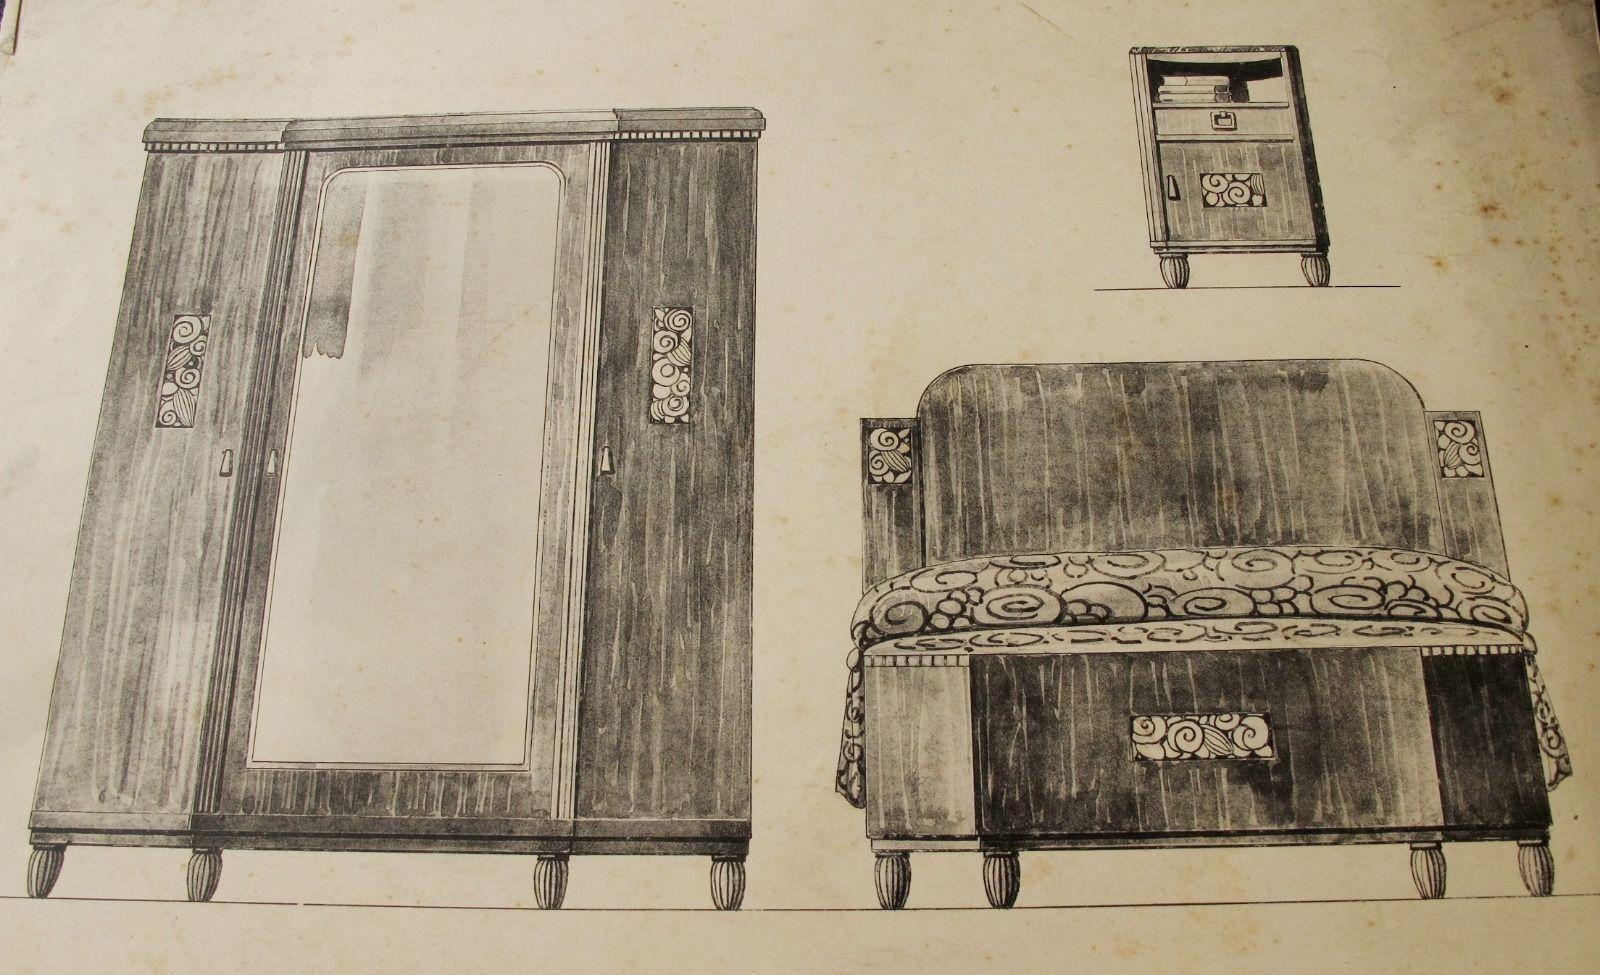 1920s art deco french furniture mobilier francais designs print moreau paris 4 picclick. Black Bedroom Furniture Sets. Home Design Ideas